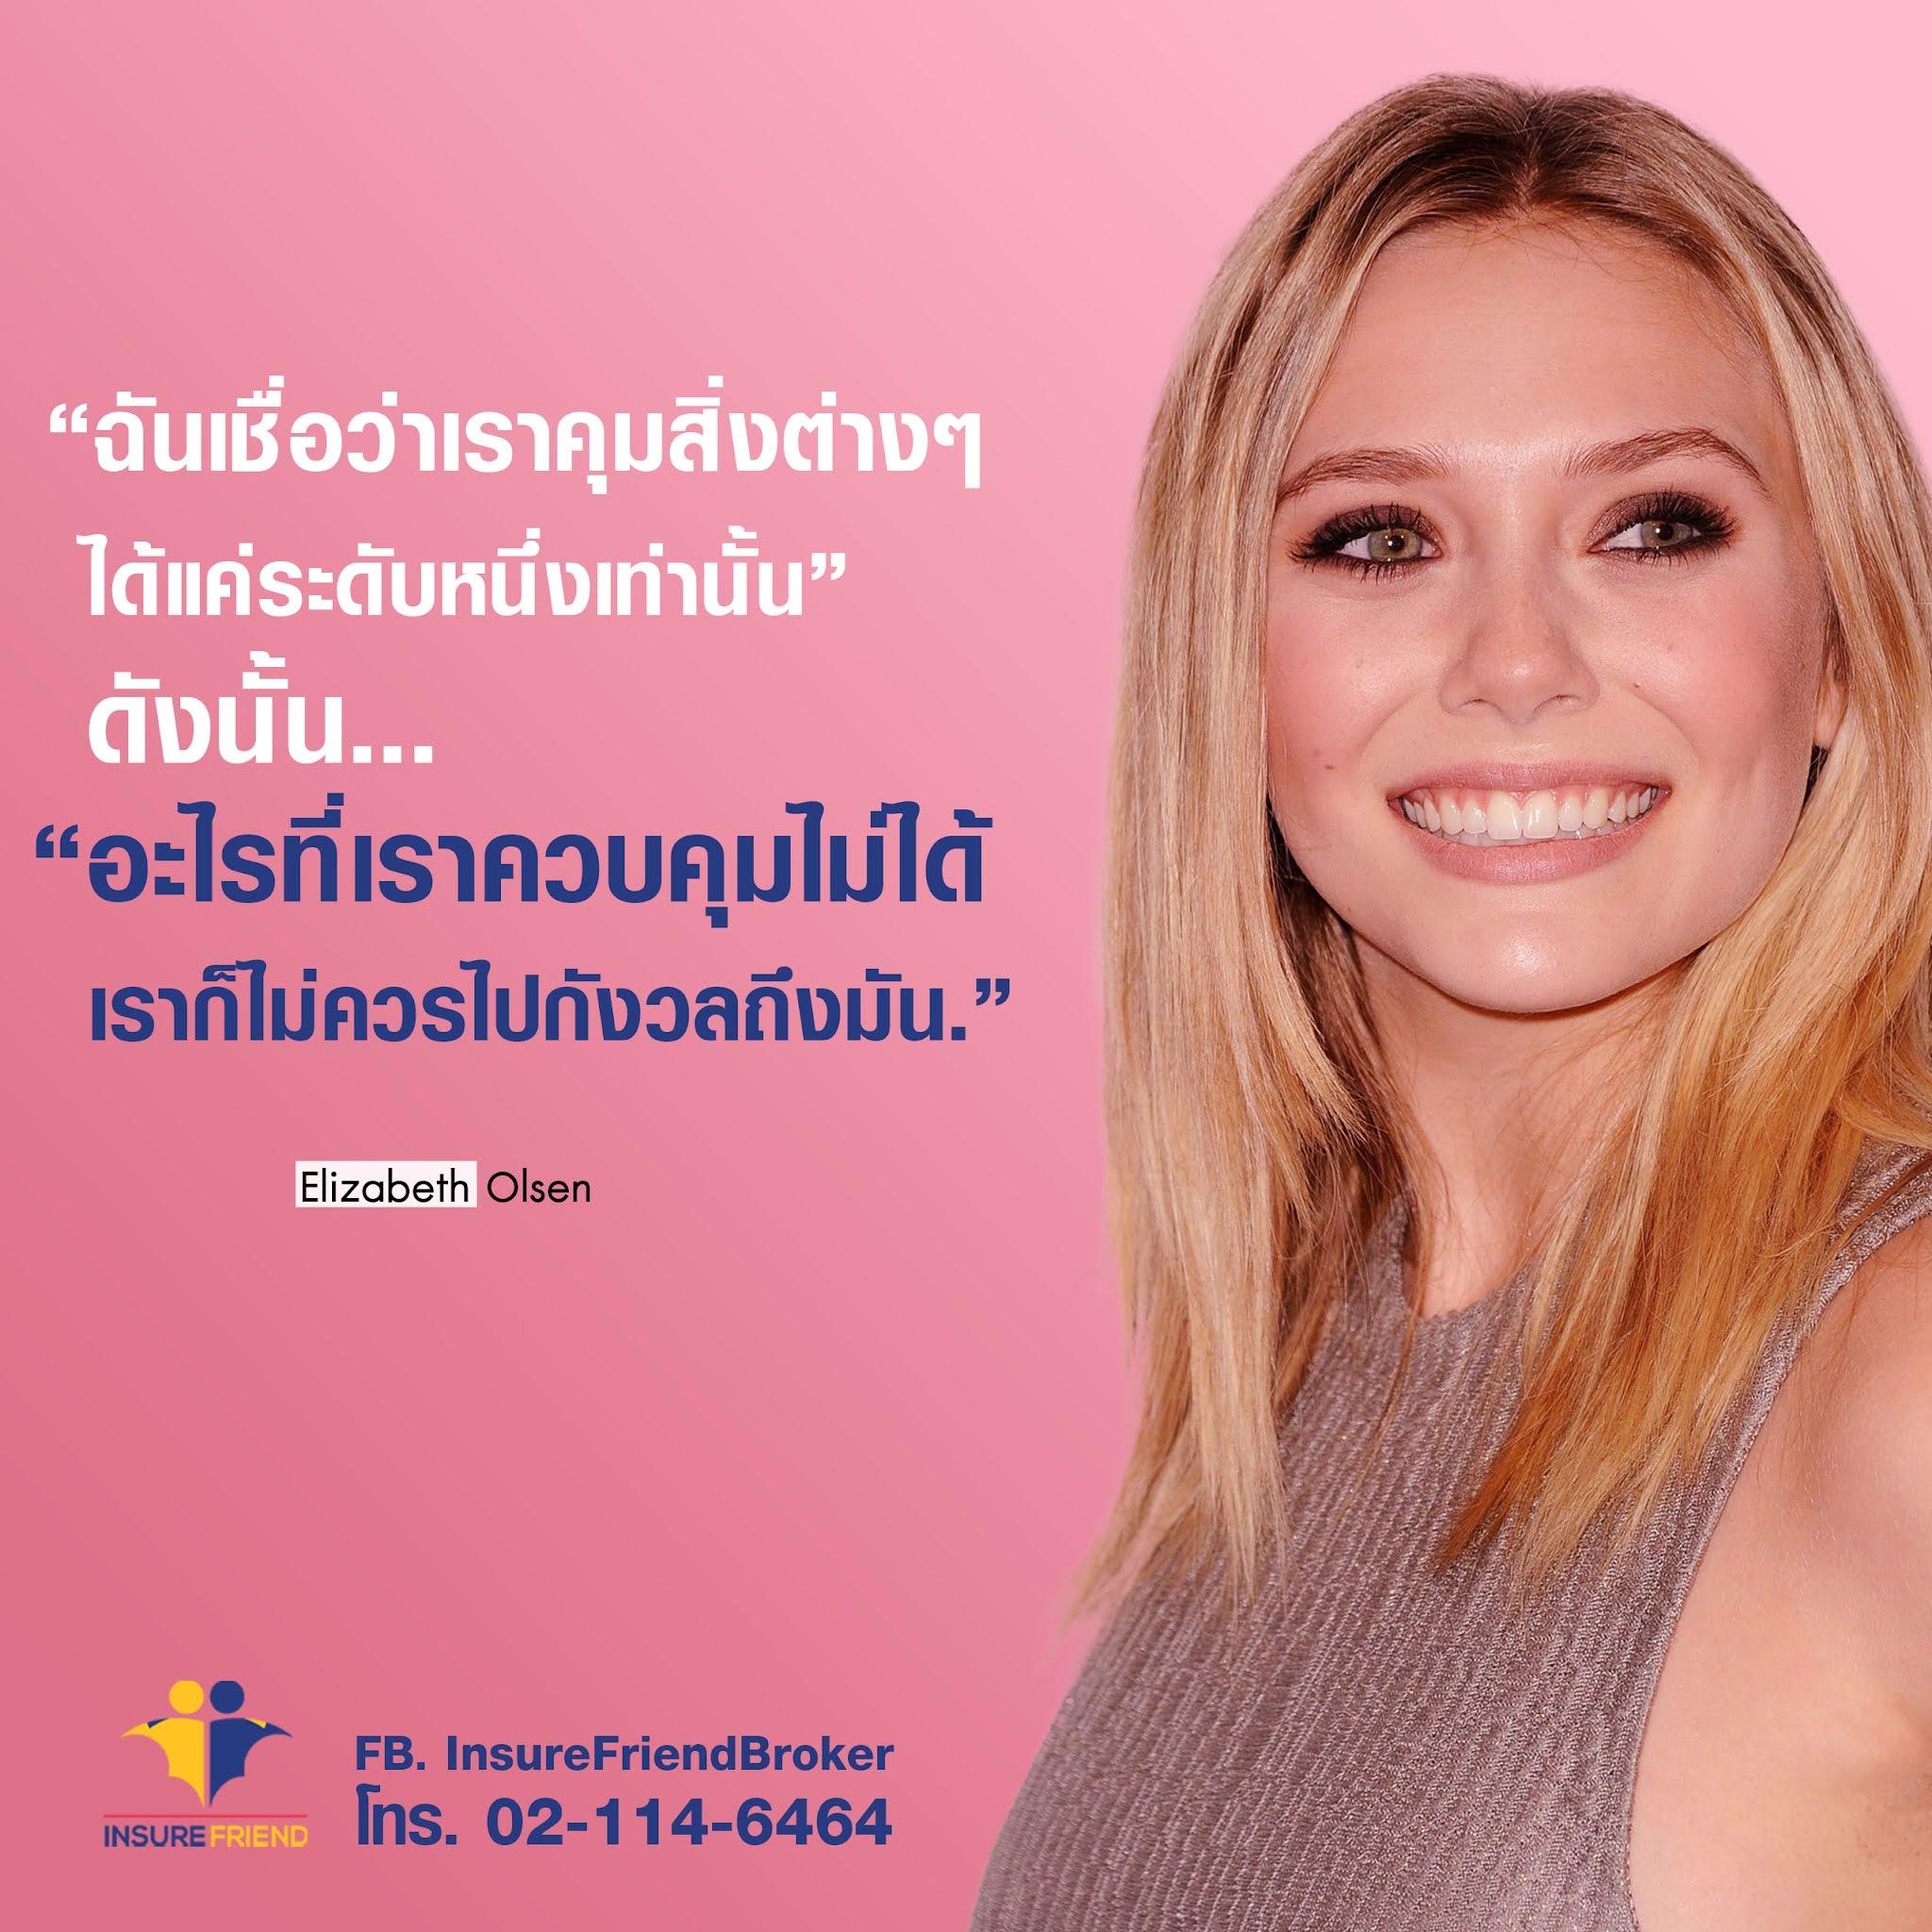 ฉันเชื่อว่าเราคุมสิ่งต่างๆ ได้แค่ระดับหนึ่งเท่านั้น ดังนั้น..  อะไรที่ควบคุมไม่ได้ เราก็ไม่ควรไปกังวลถึงมัน  Elizabeth Olsen